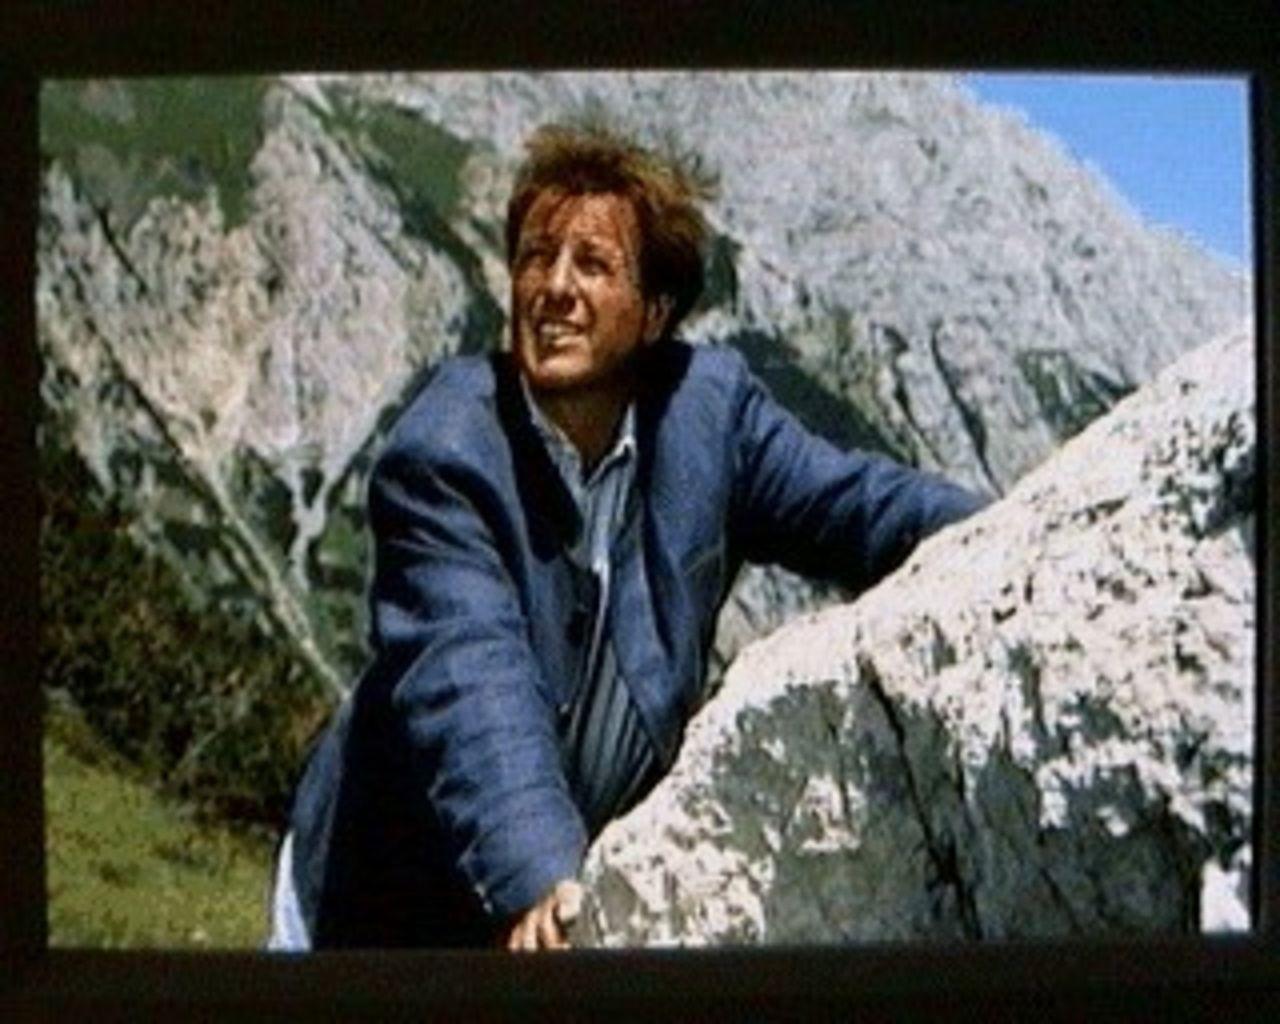 Der Bergdoktor - Pankraz' großer Tag - Sat 1 Gold